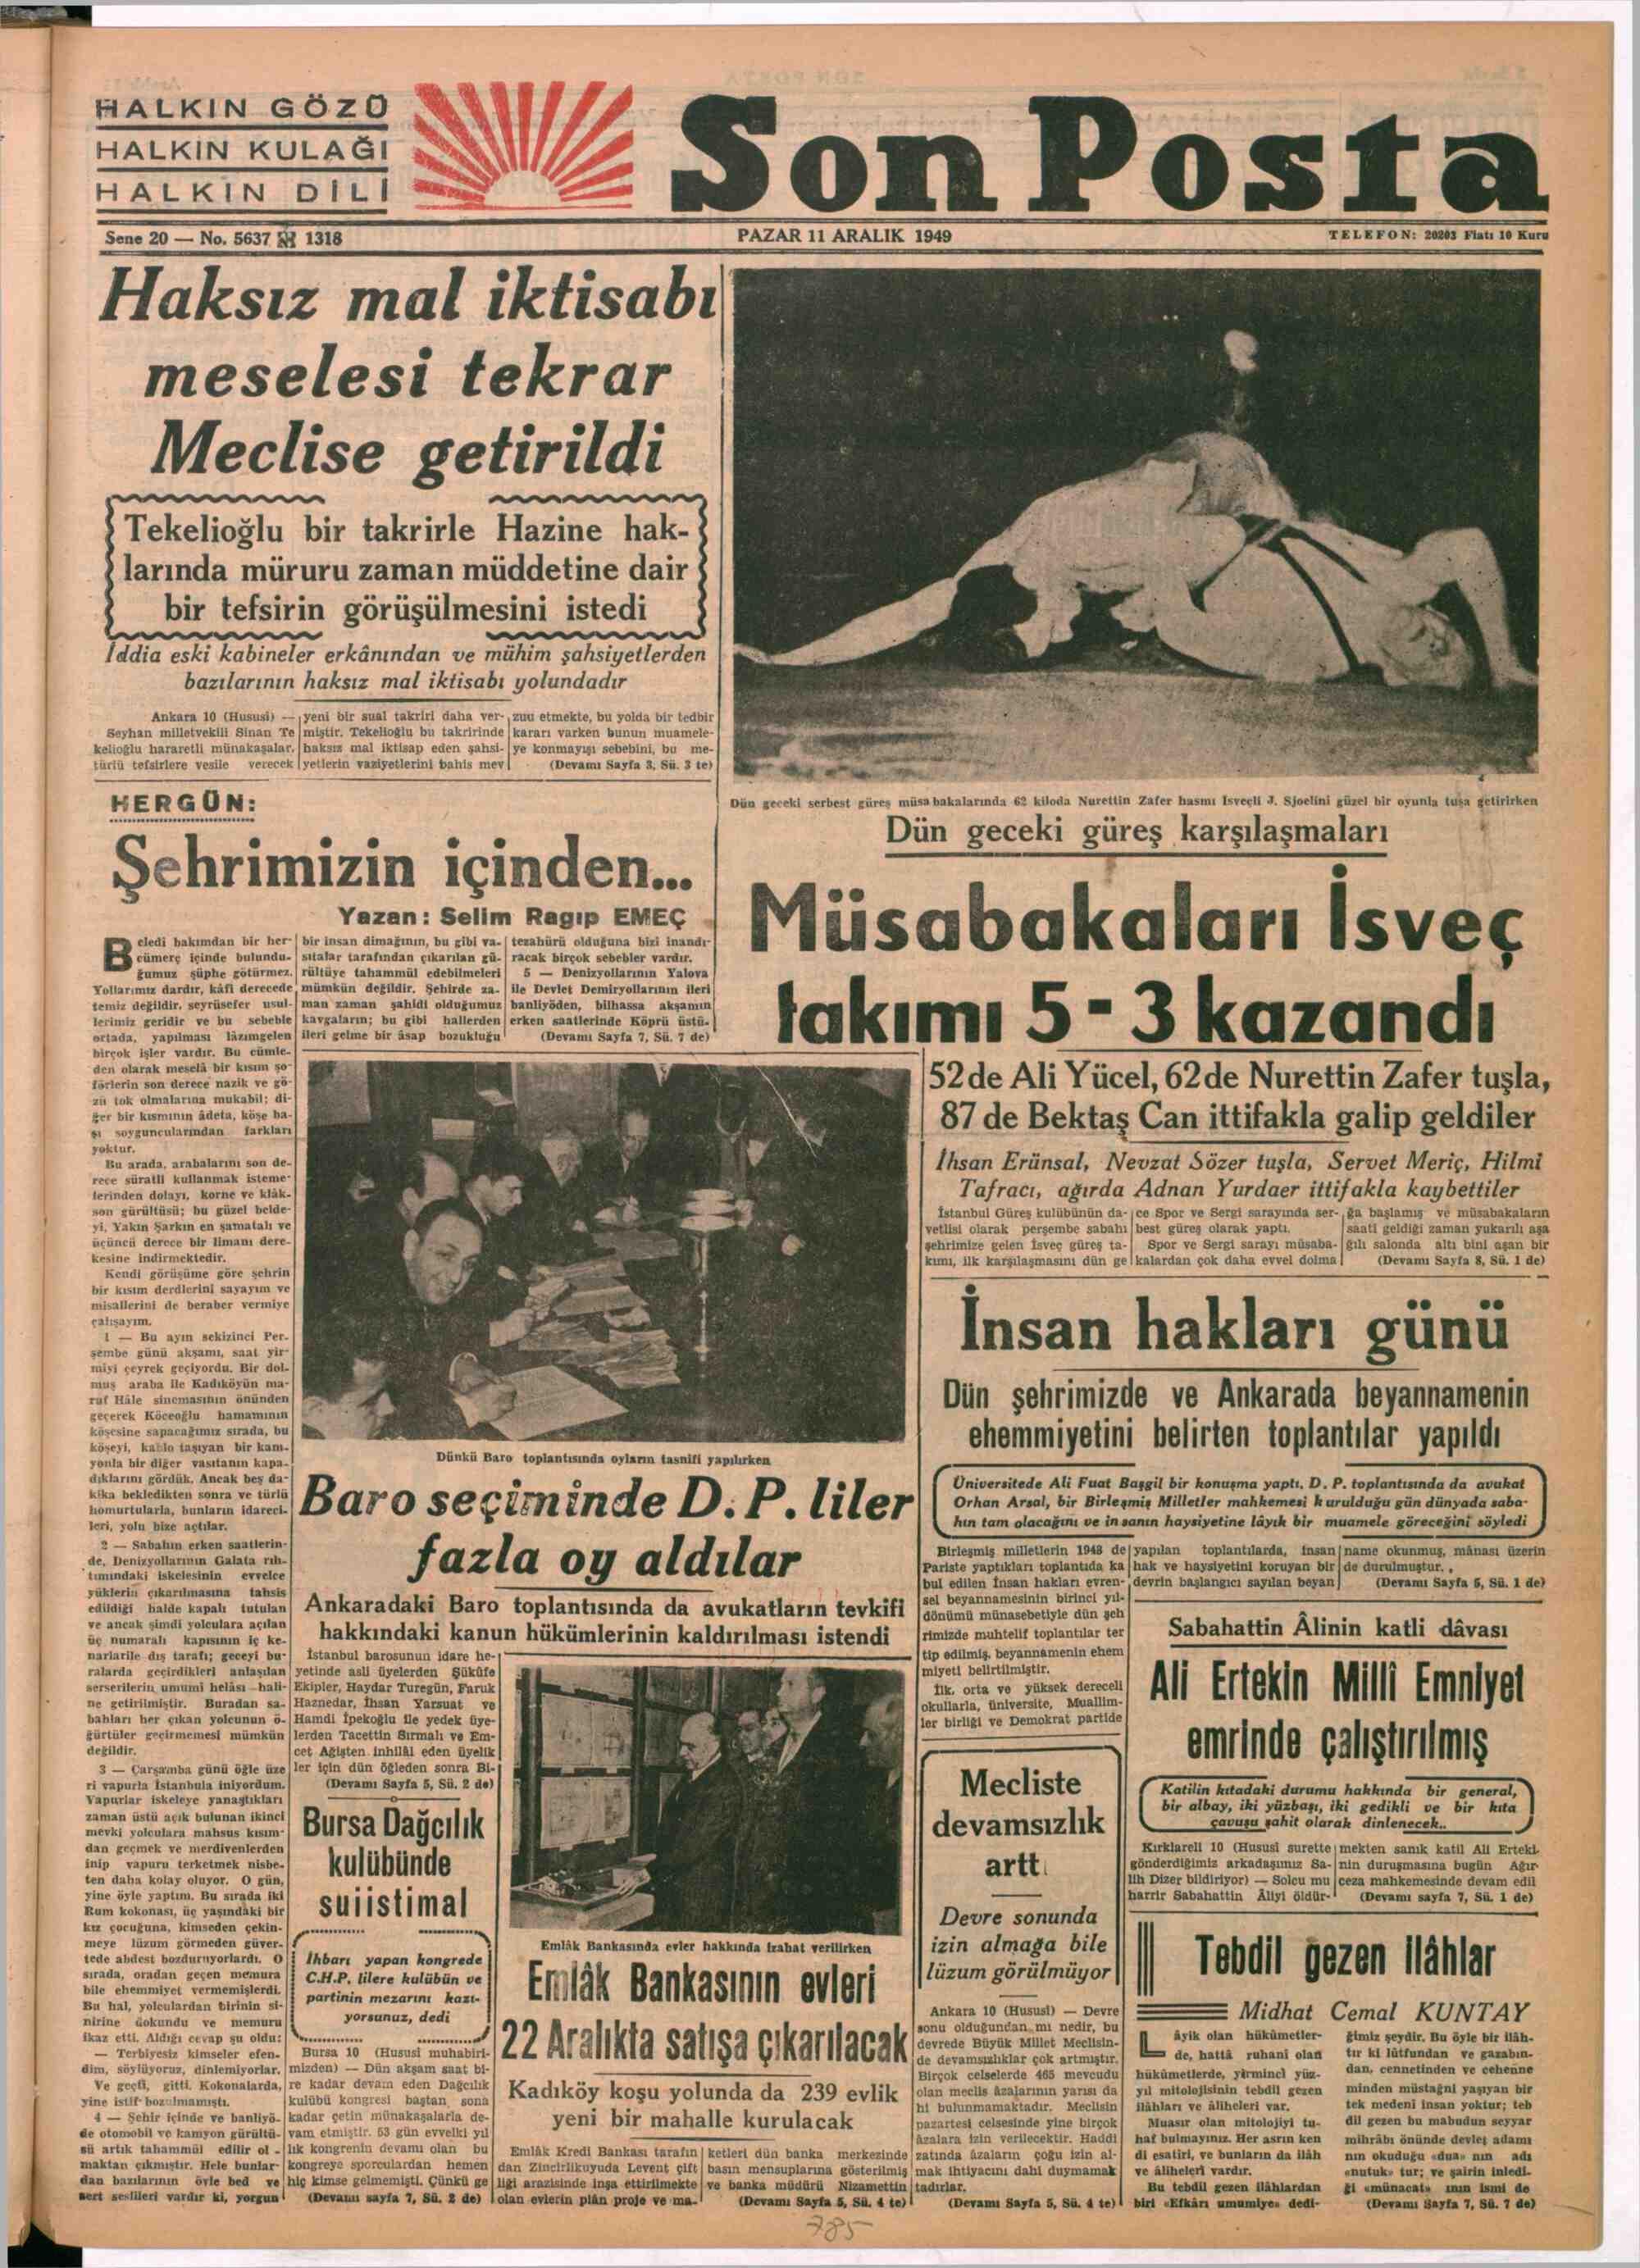 11 Aralık 1949 Tarihli Son Posta Gazetesi Sayfa 1